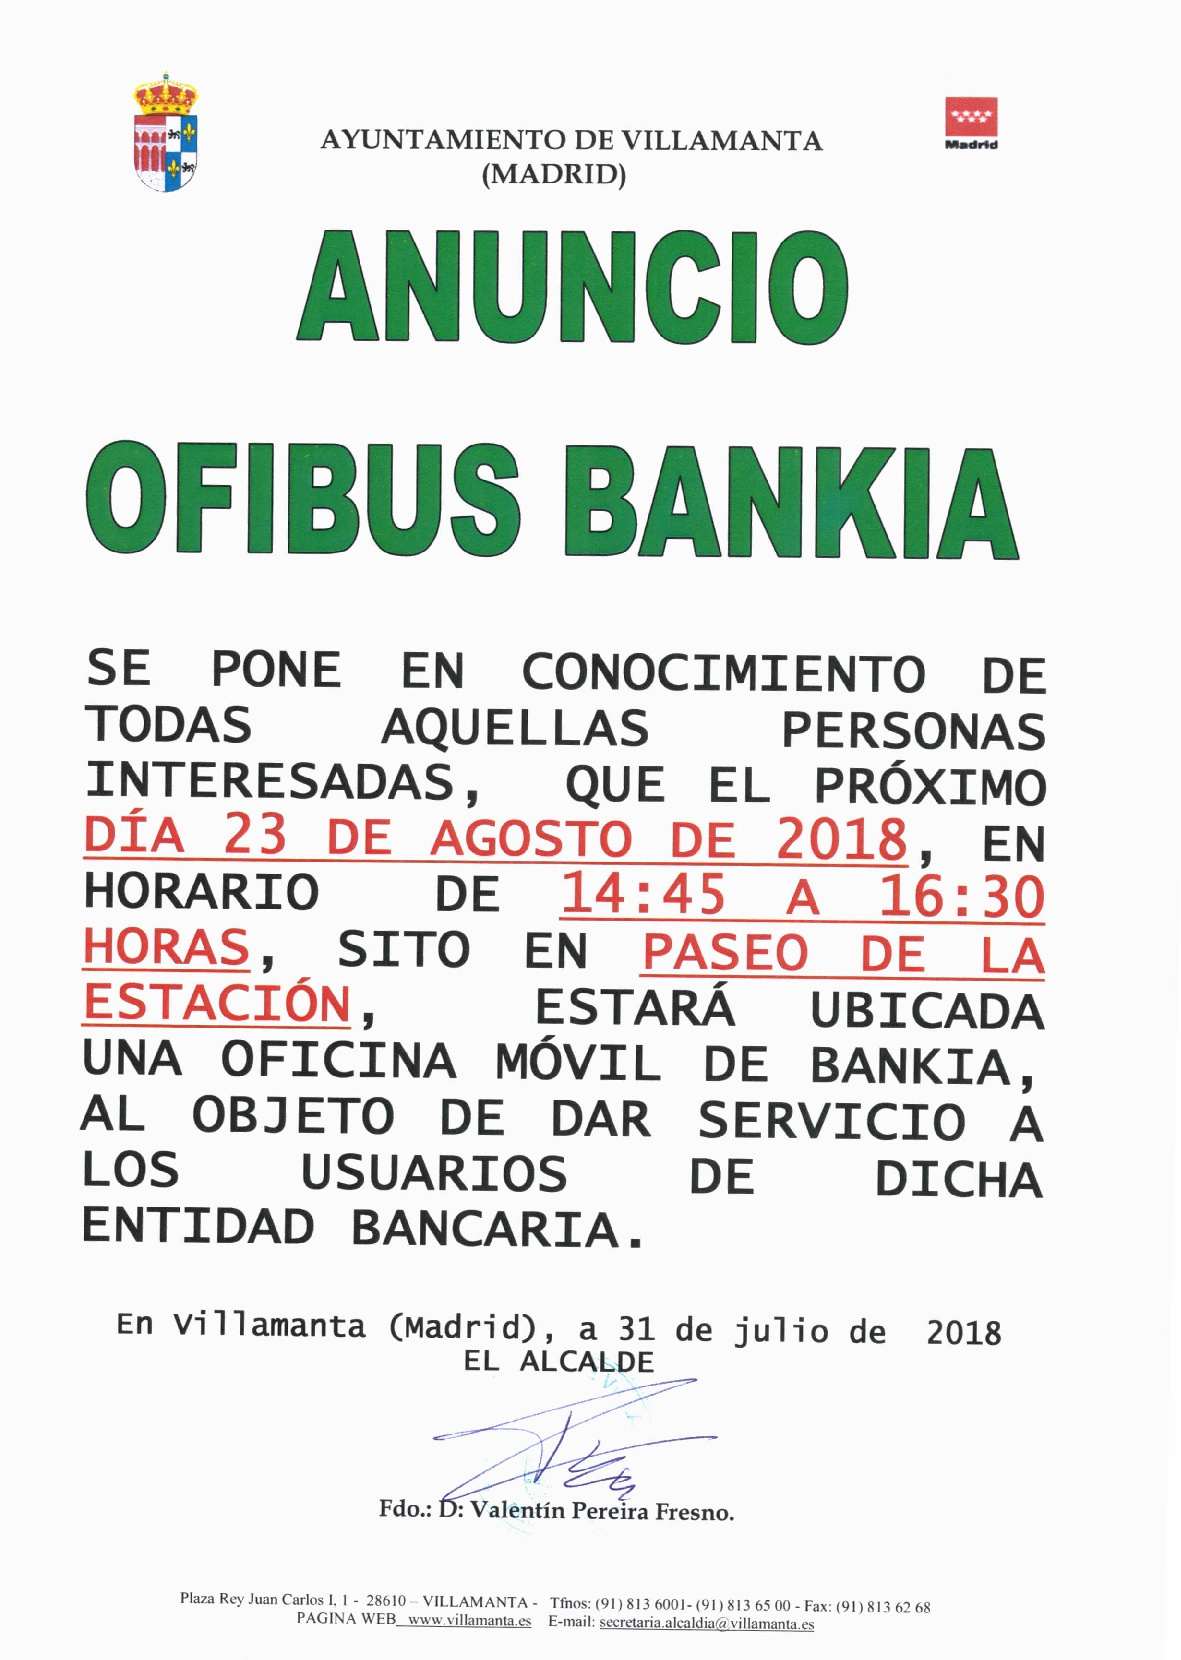 Ofibus Bankia 23 agosto 2018